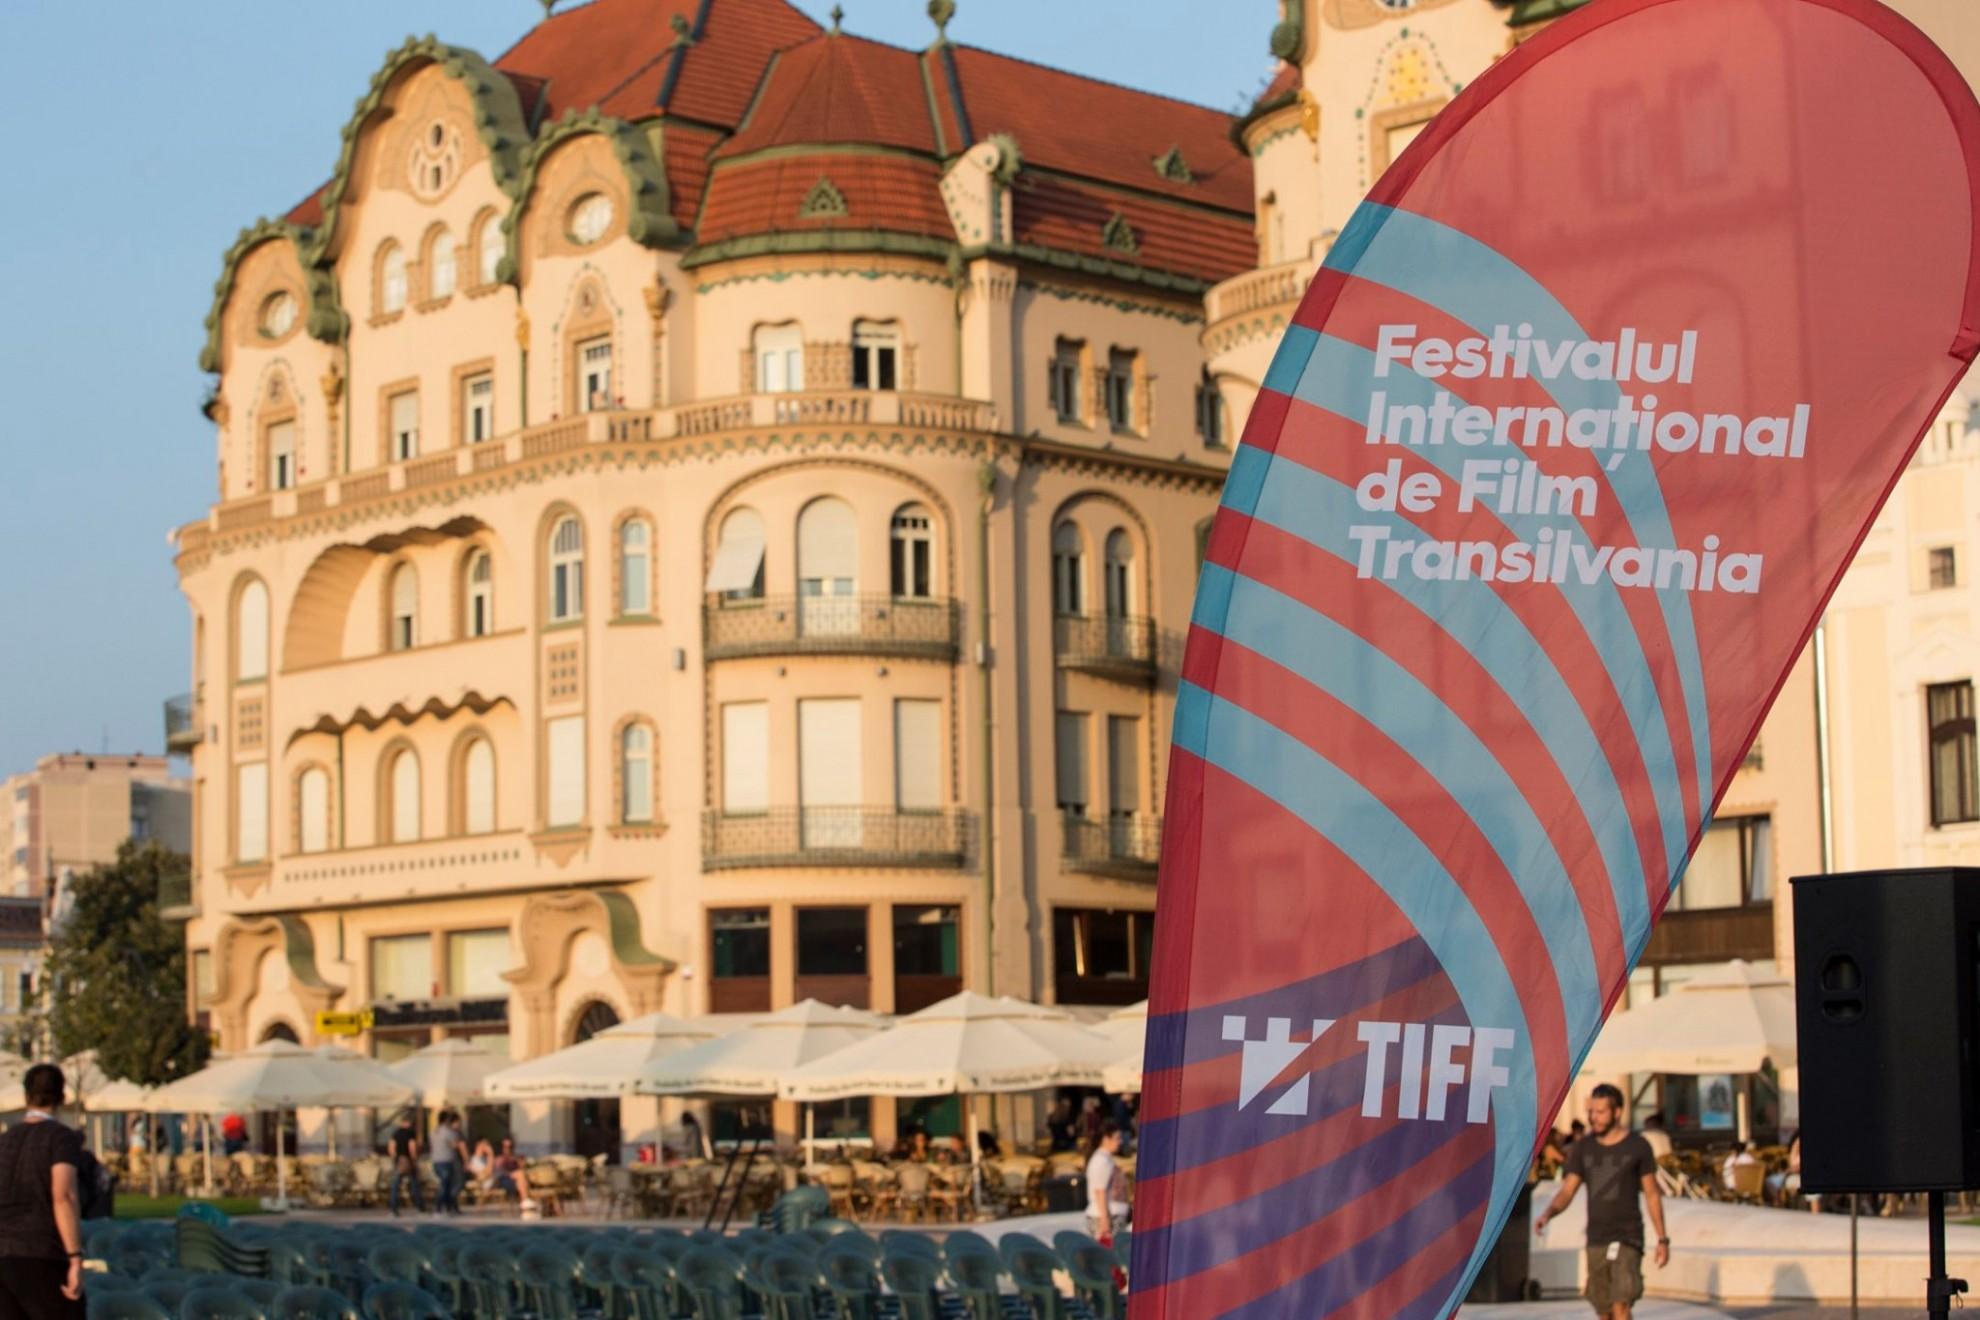 Filmele româneşti ale momentului şi cine-concerte speciale, la Festivalul Internaţional de Film Transilvania de la Oradea